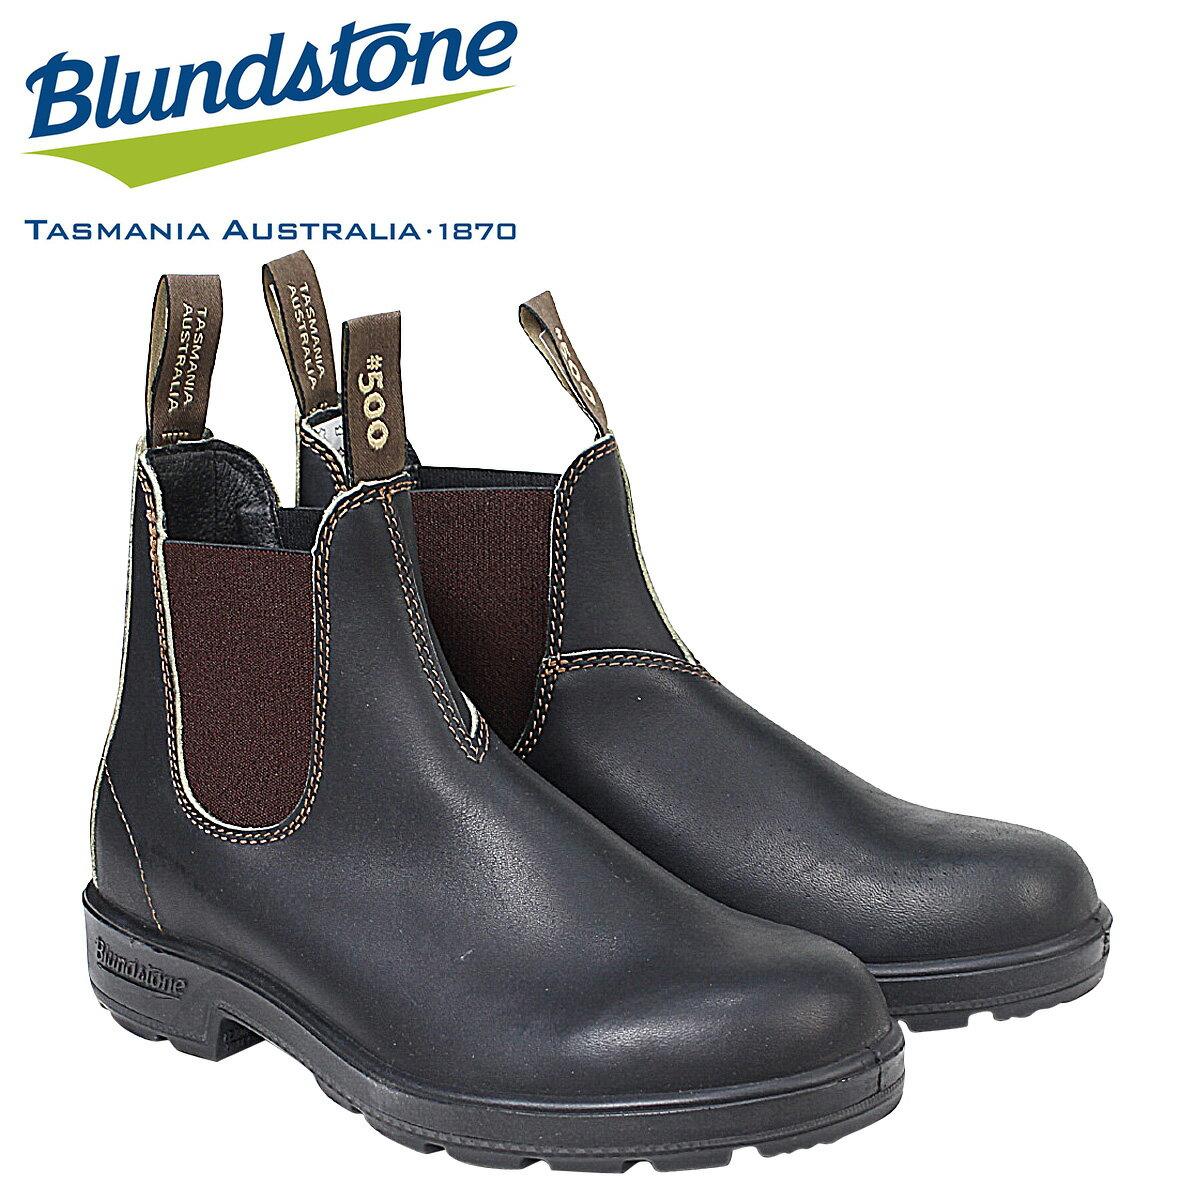 ブランドストーン Blundstone サイドゴア メンズ 500 ブーツ DRESS V CUT BOOTS ブラウン [3/22 追加入荷]